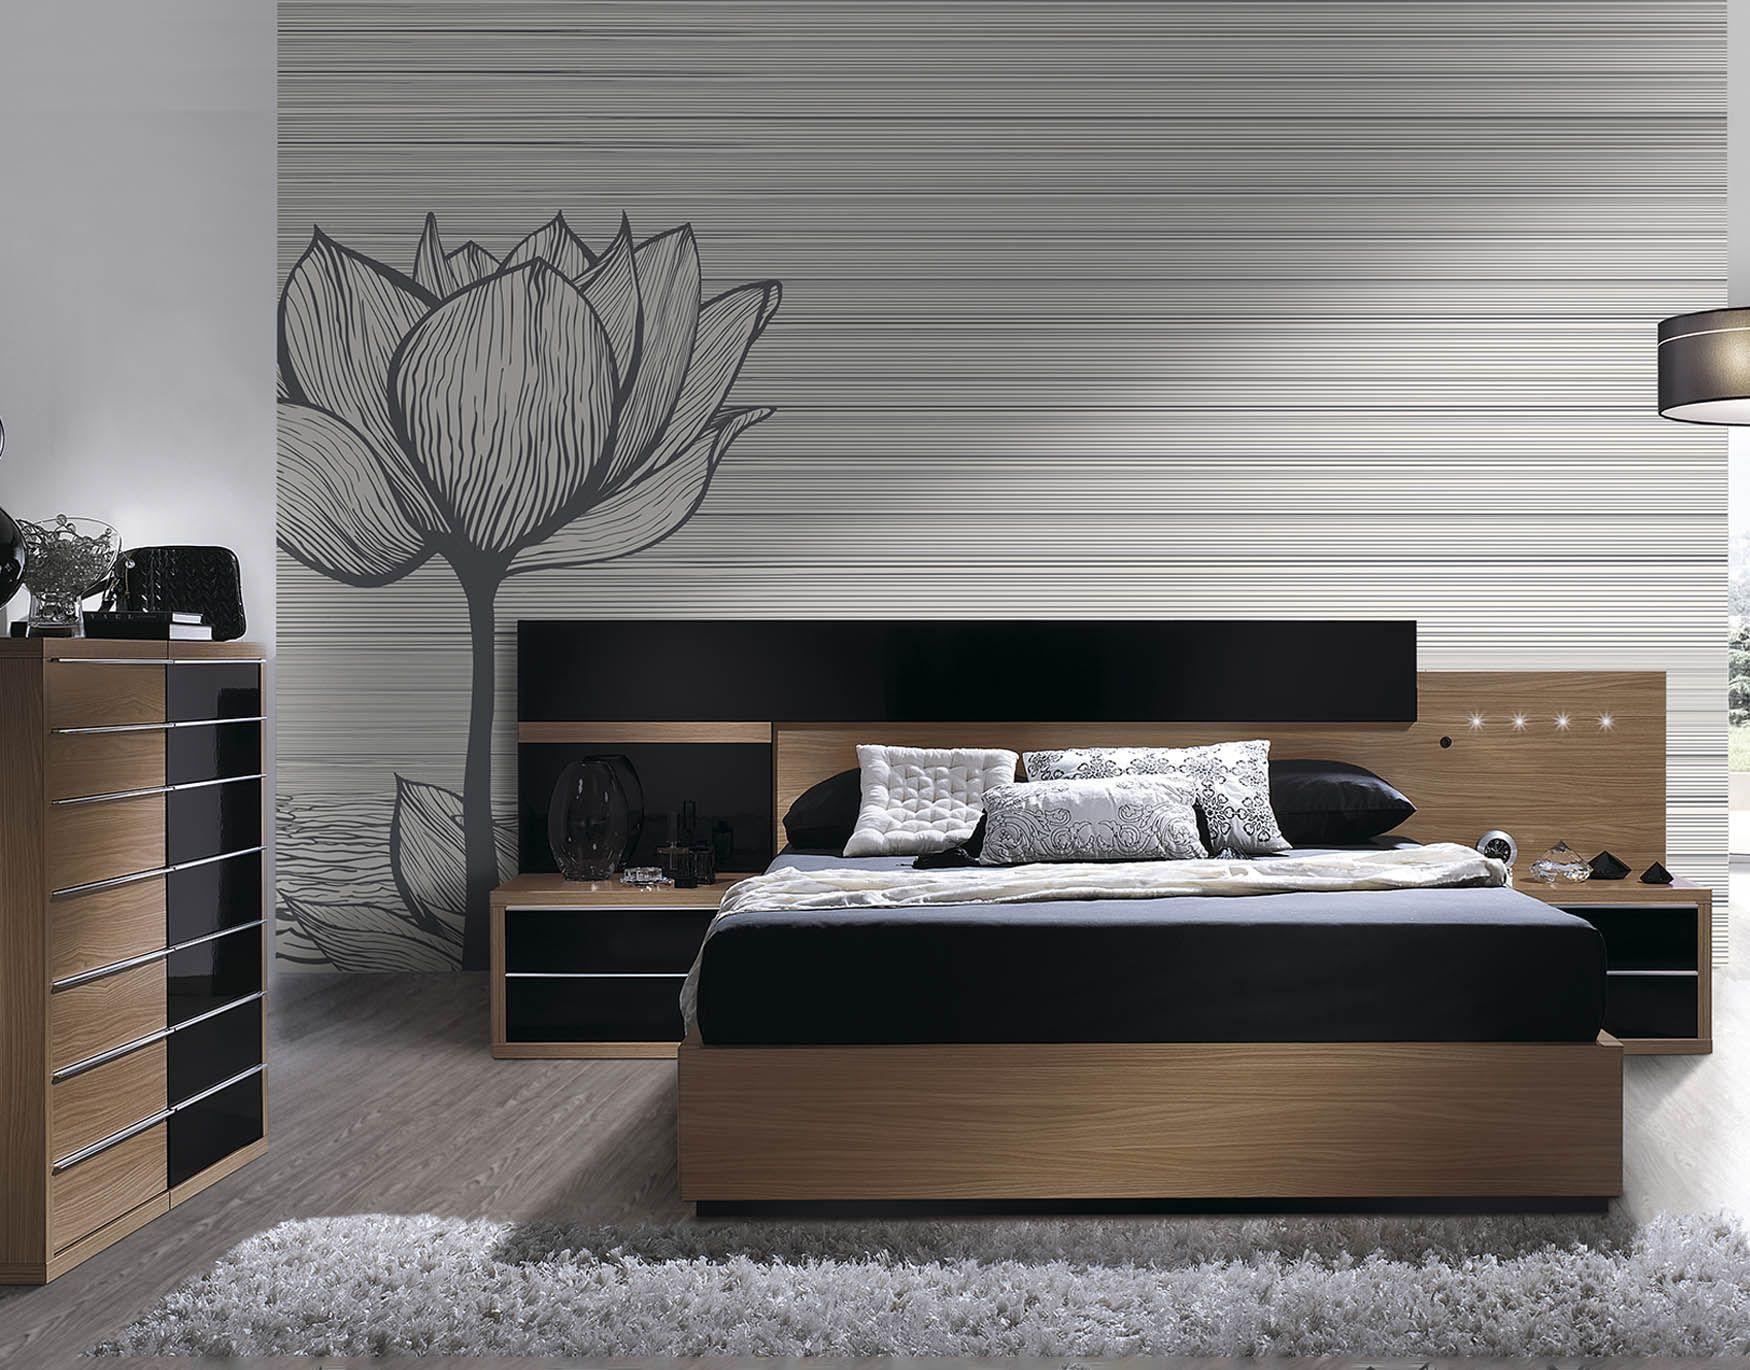 Dormitorio en color noce y lacado negro compuesto de cama for Dormitorio wengue